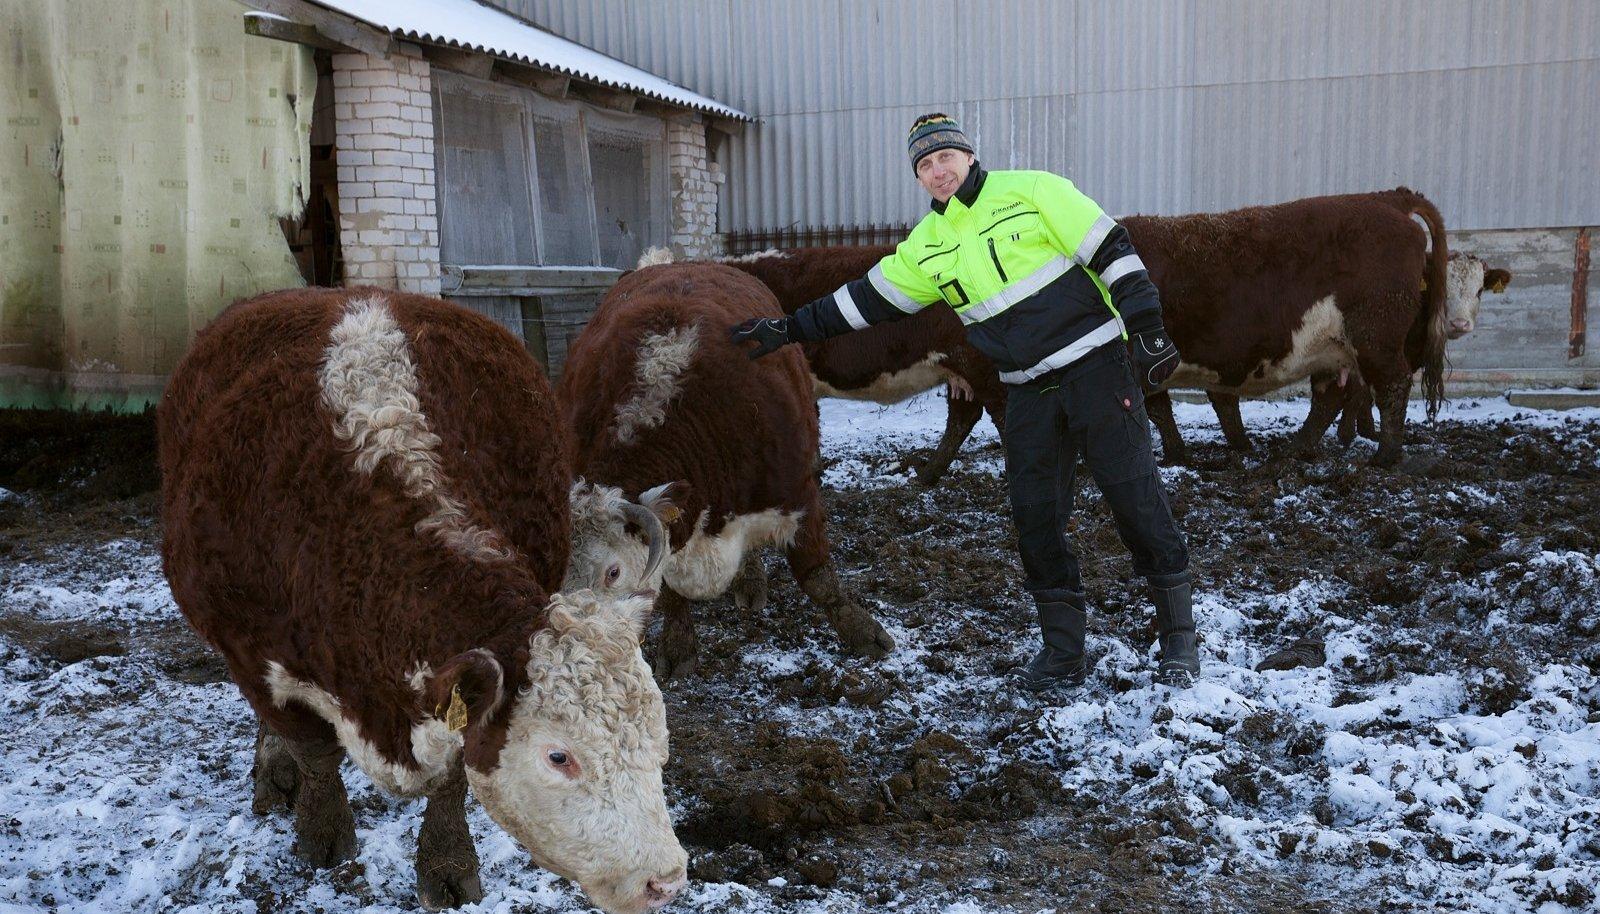 Mägipõllu mahetalu peremees Sander Sarap näeb mahetootmisel nii looma- kui teraviljakasvatuses avarat tulevikku, ent ei pea uue katusorganisatsiooni loomist sektorile kuigi vajalikuks.